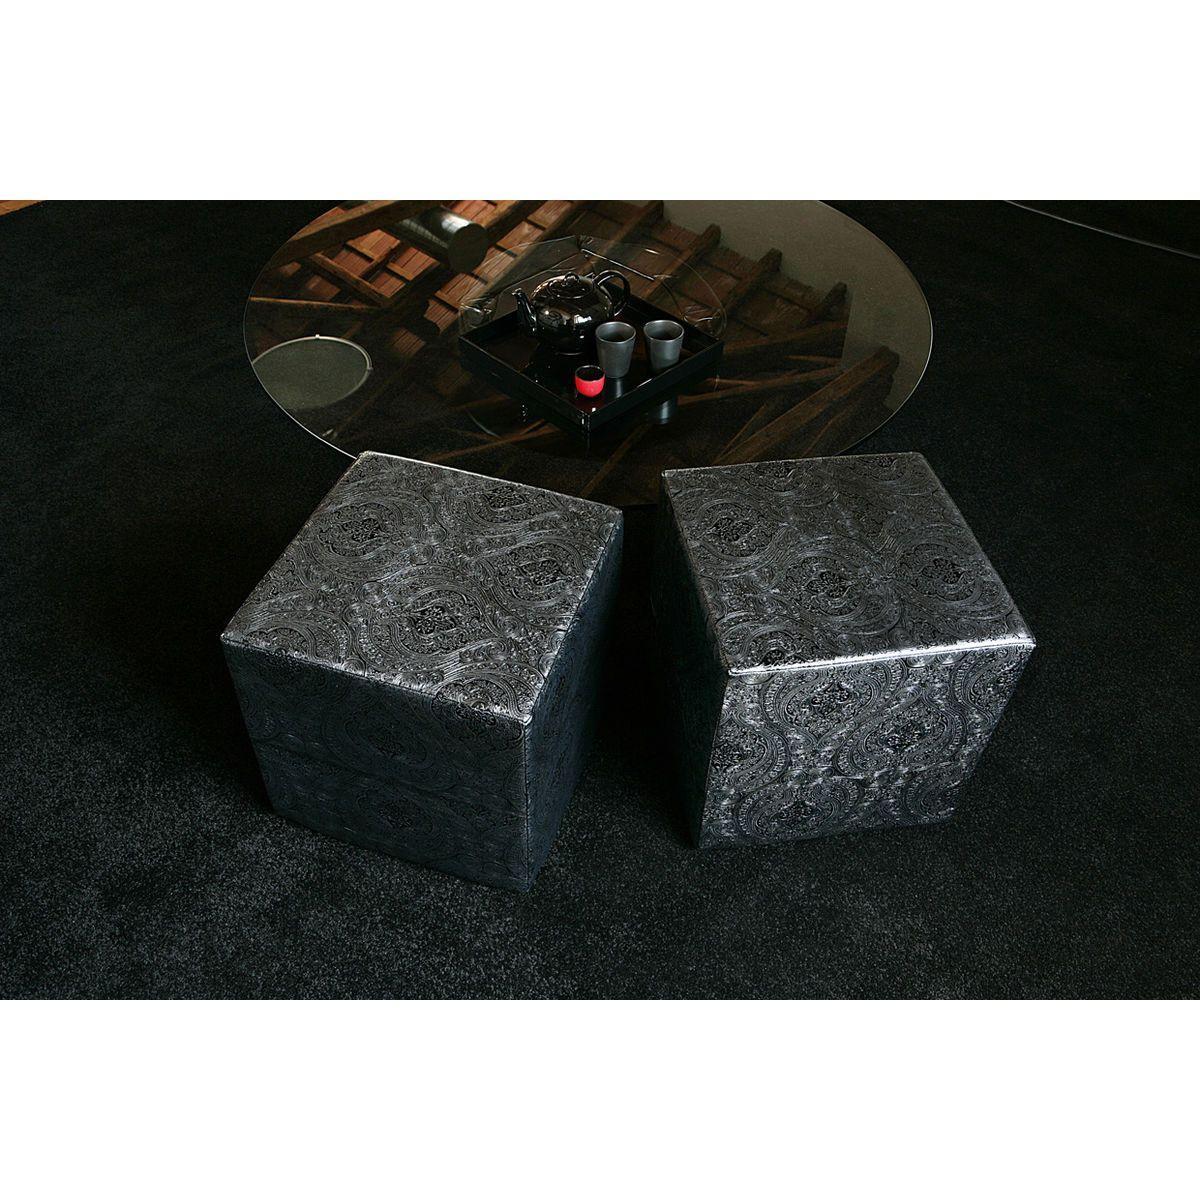 Pouf rigido a cubo in ecopelle nero e argento con fantasia indiana